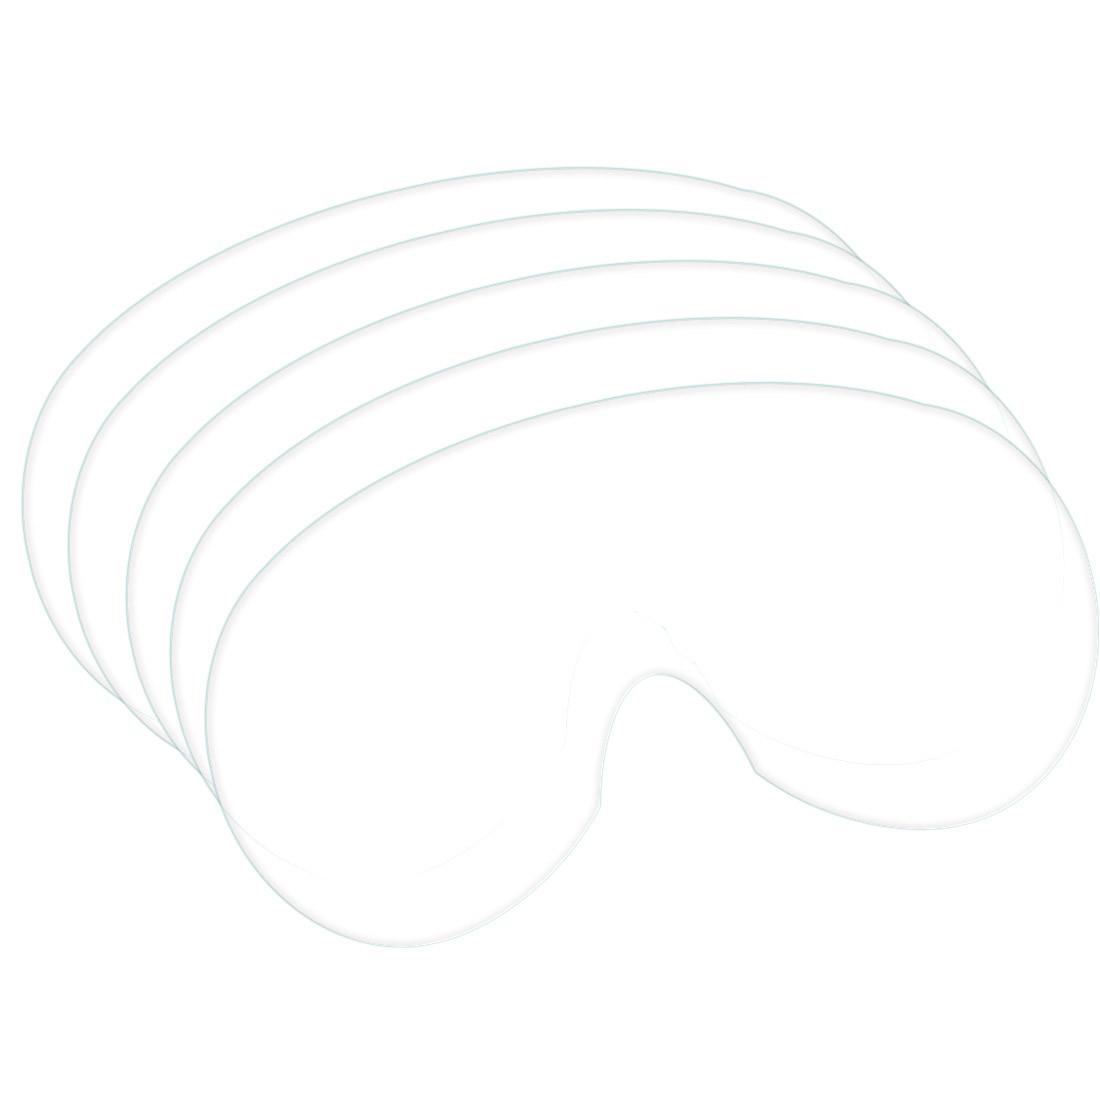 Folie Protectoare Lentile - Echipamente de protectie personala